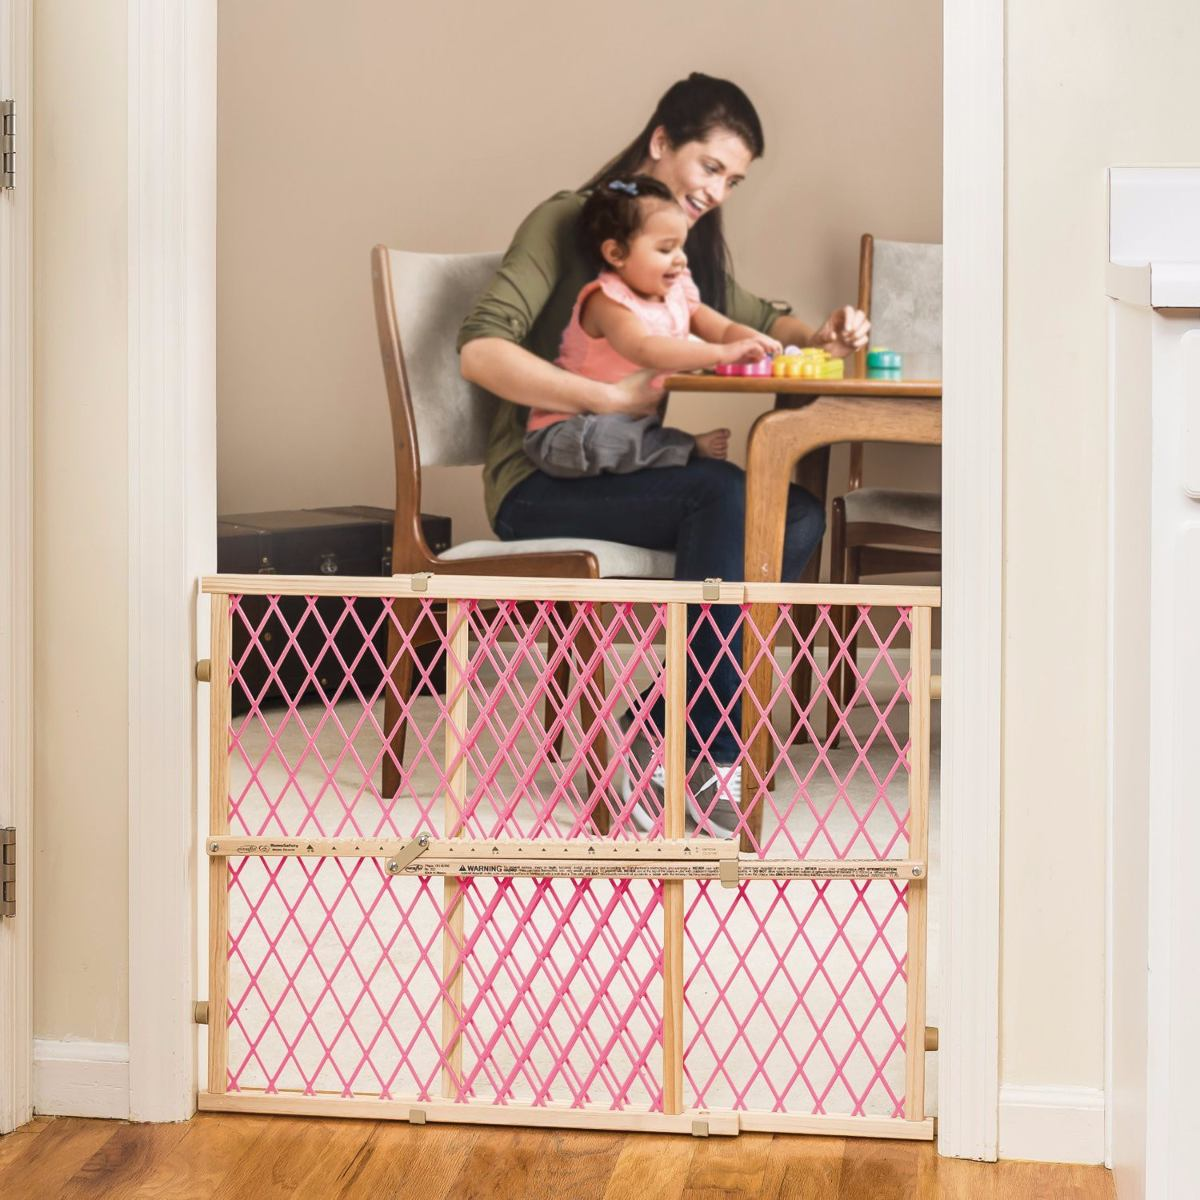 Puerta reja de madera evenflo seguridad bloqueo bebes rosa - Puertas seguridad bebes ...